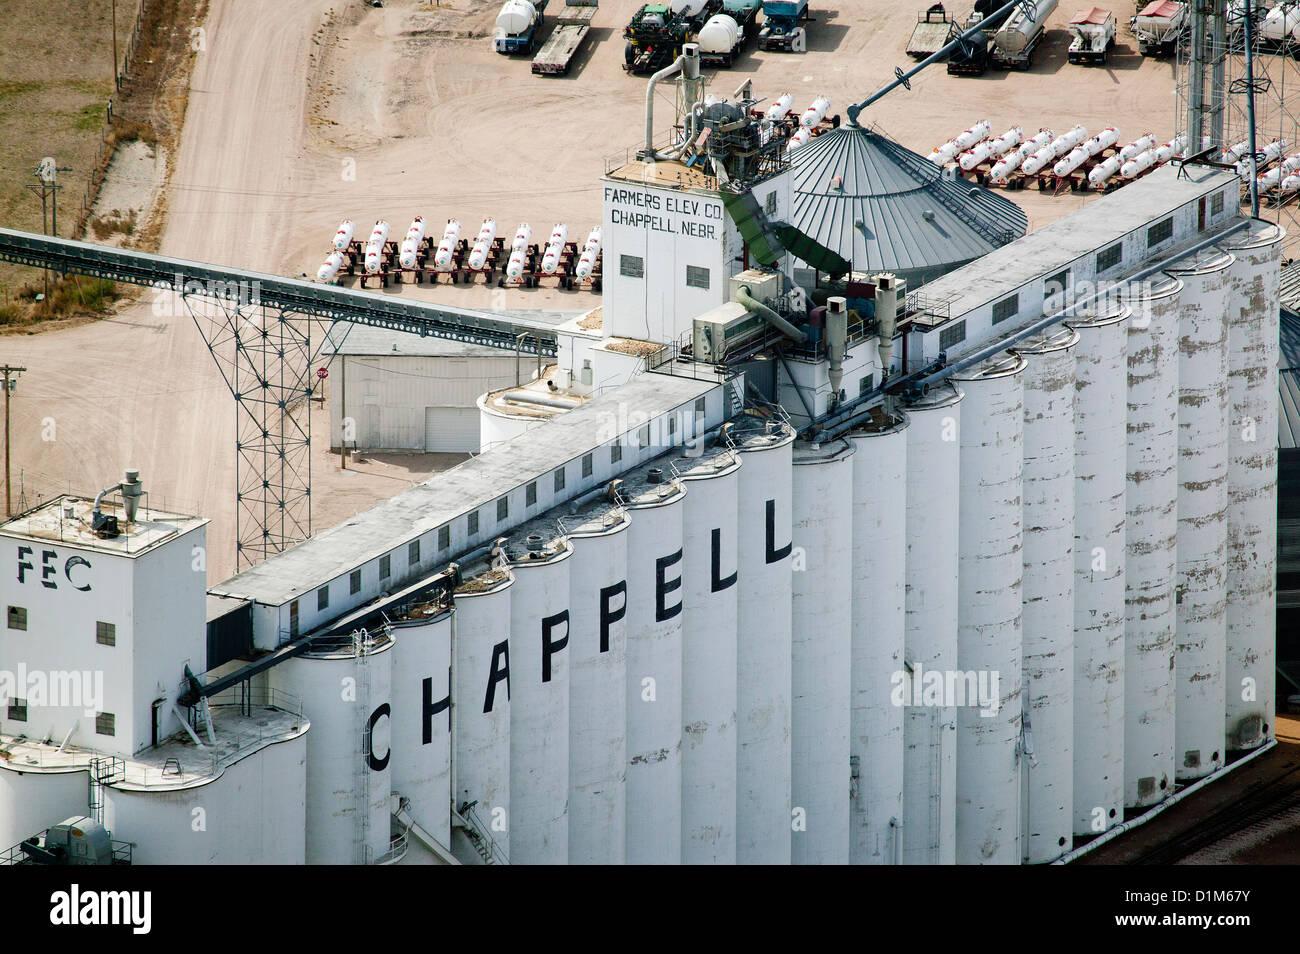 Photographie aérienne les agriculteurs exploitant de silo, Chappell, Nebraska Photo Stock